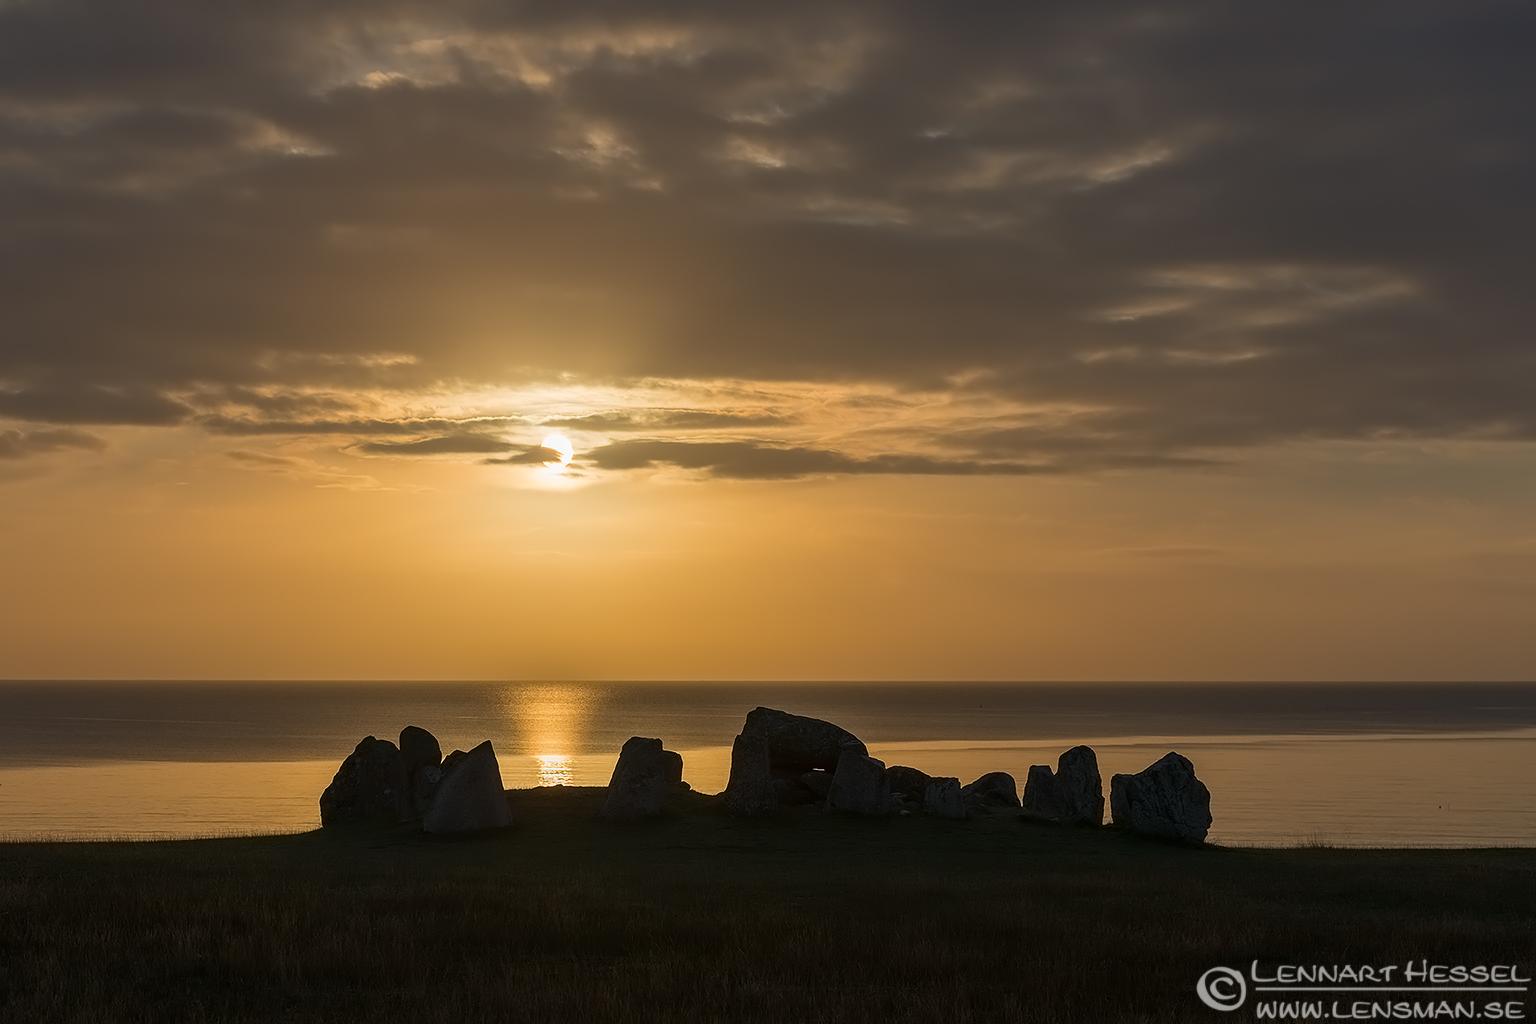 The dolmen at Haväng Scania